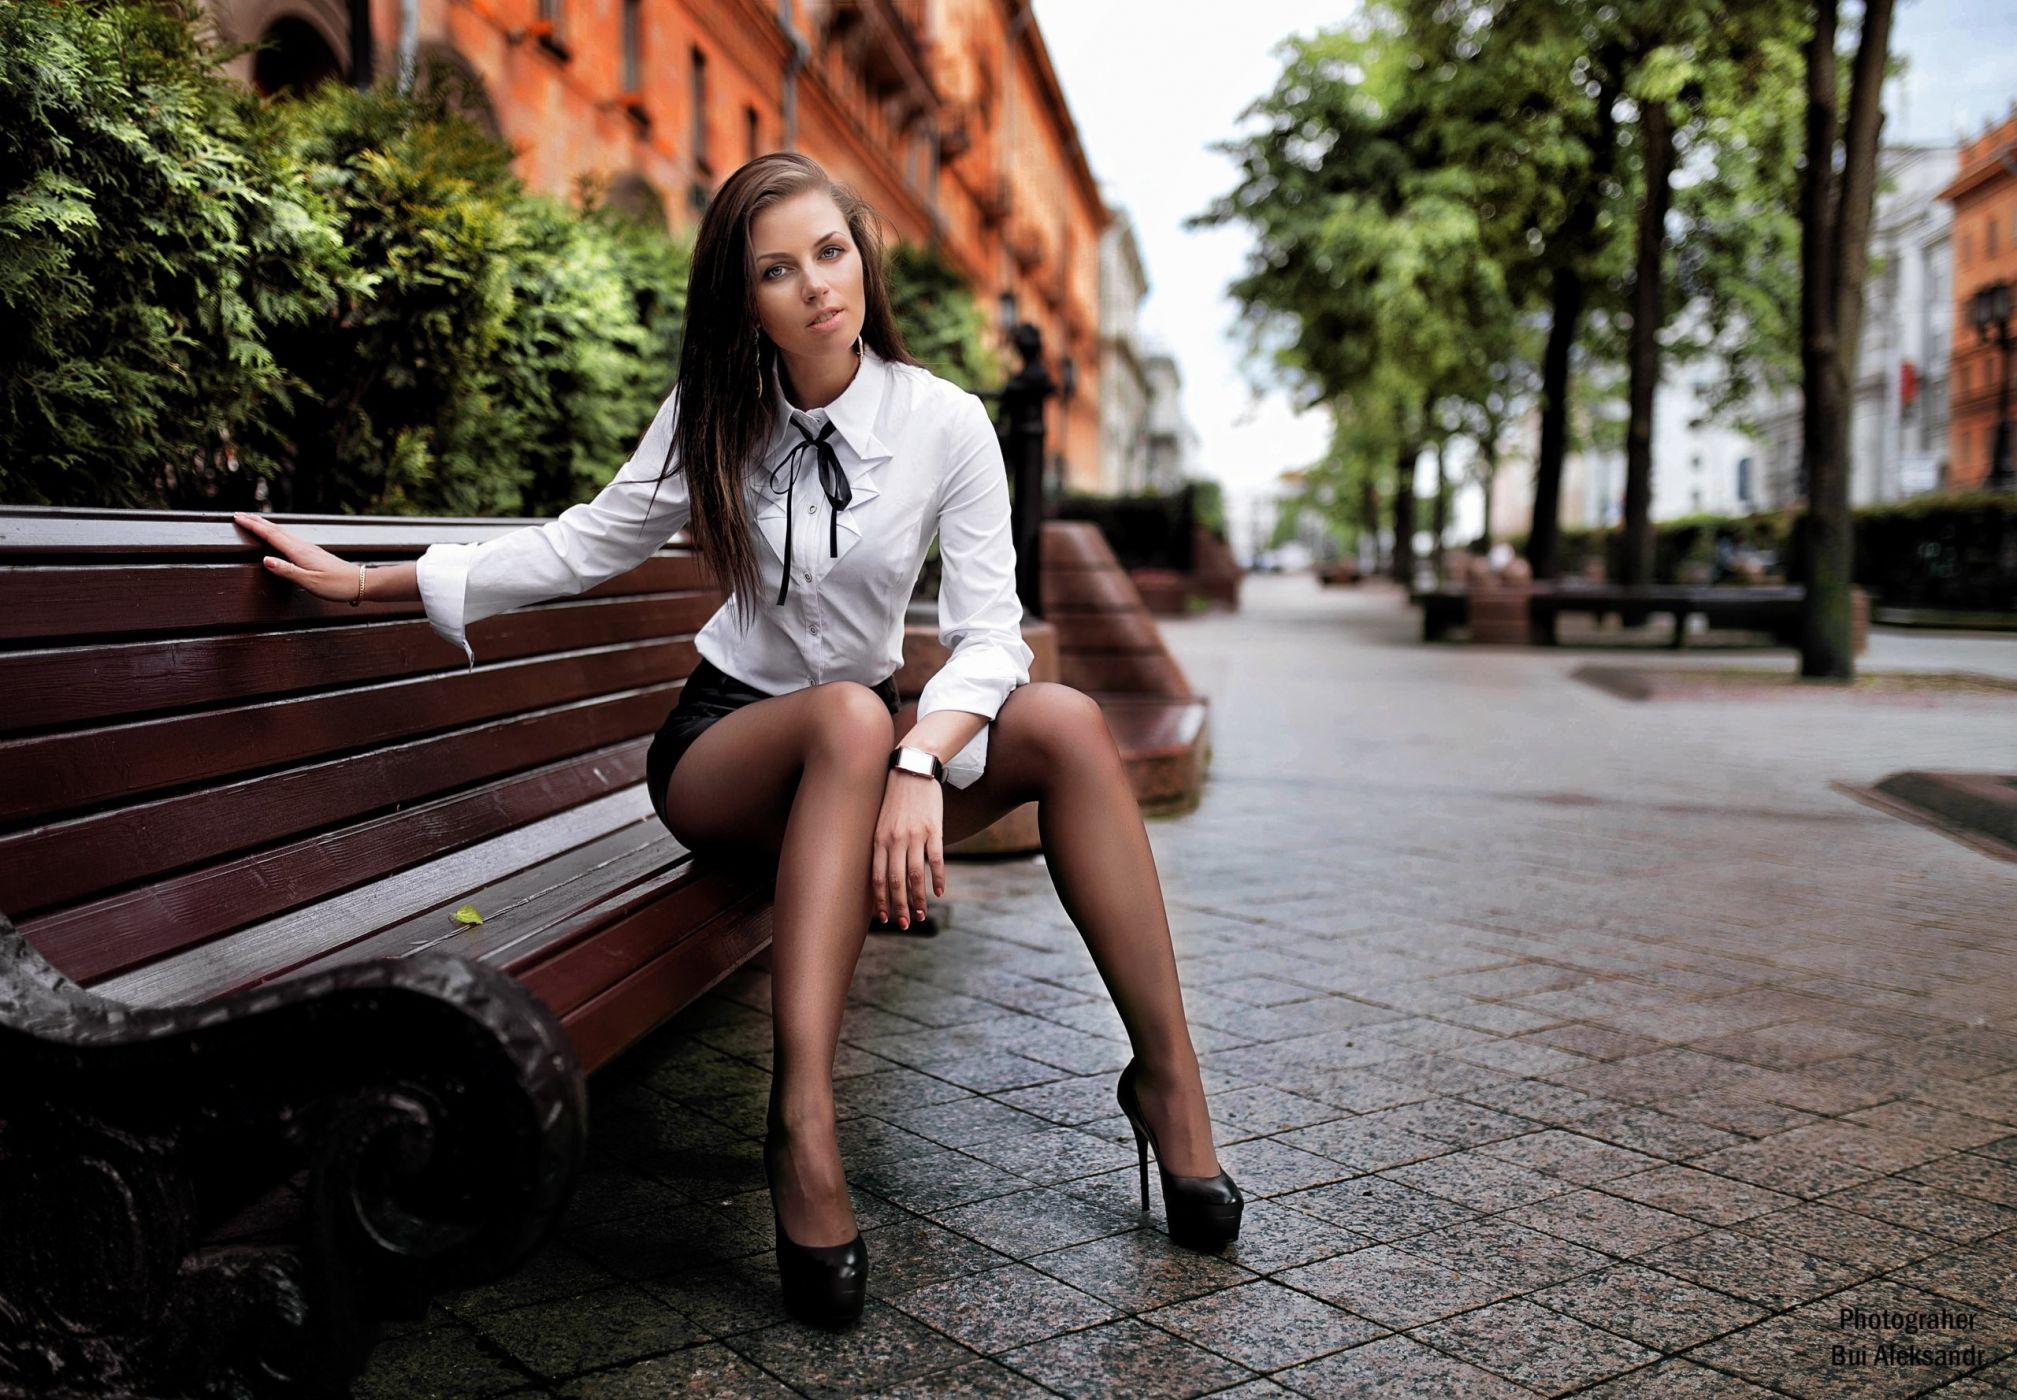 v-kontakte-foto-devushki-v-kolgotkah-sidya-na-skameyke